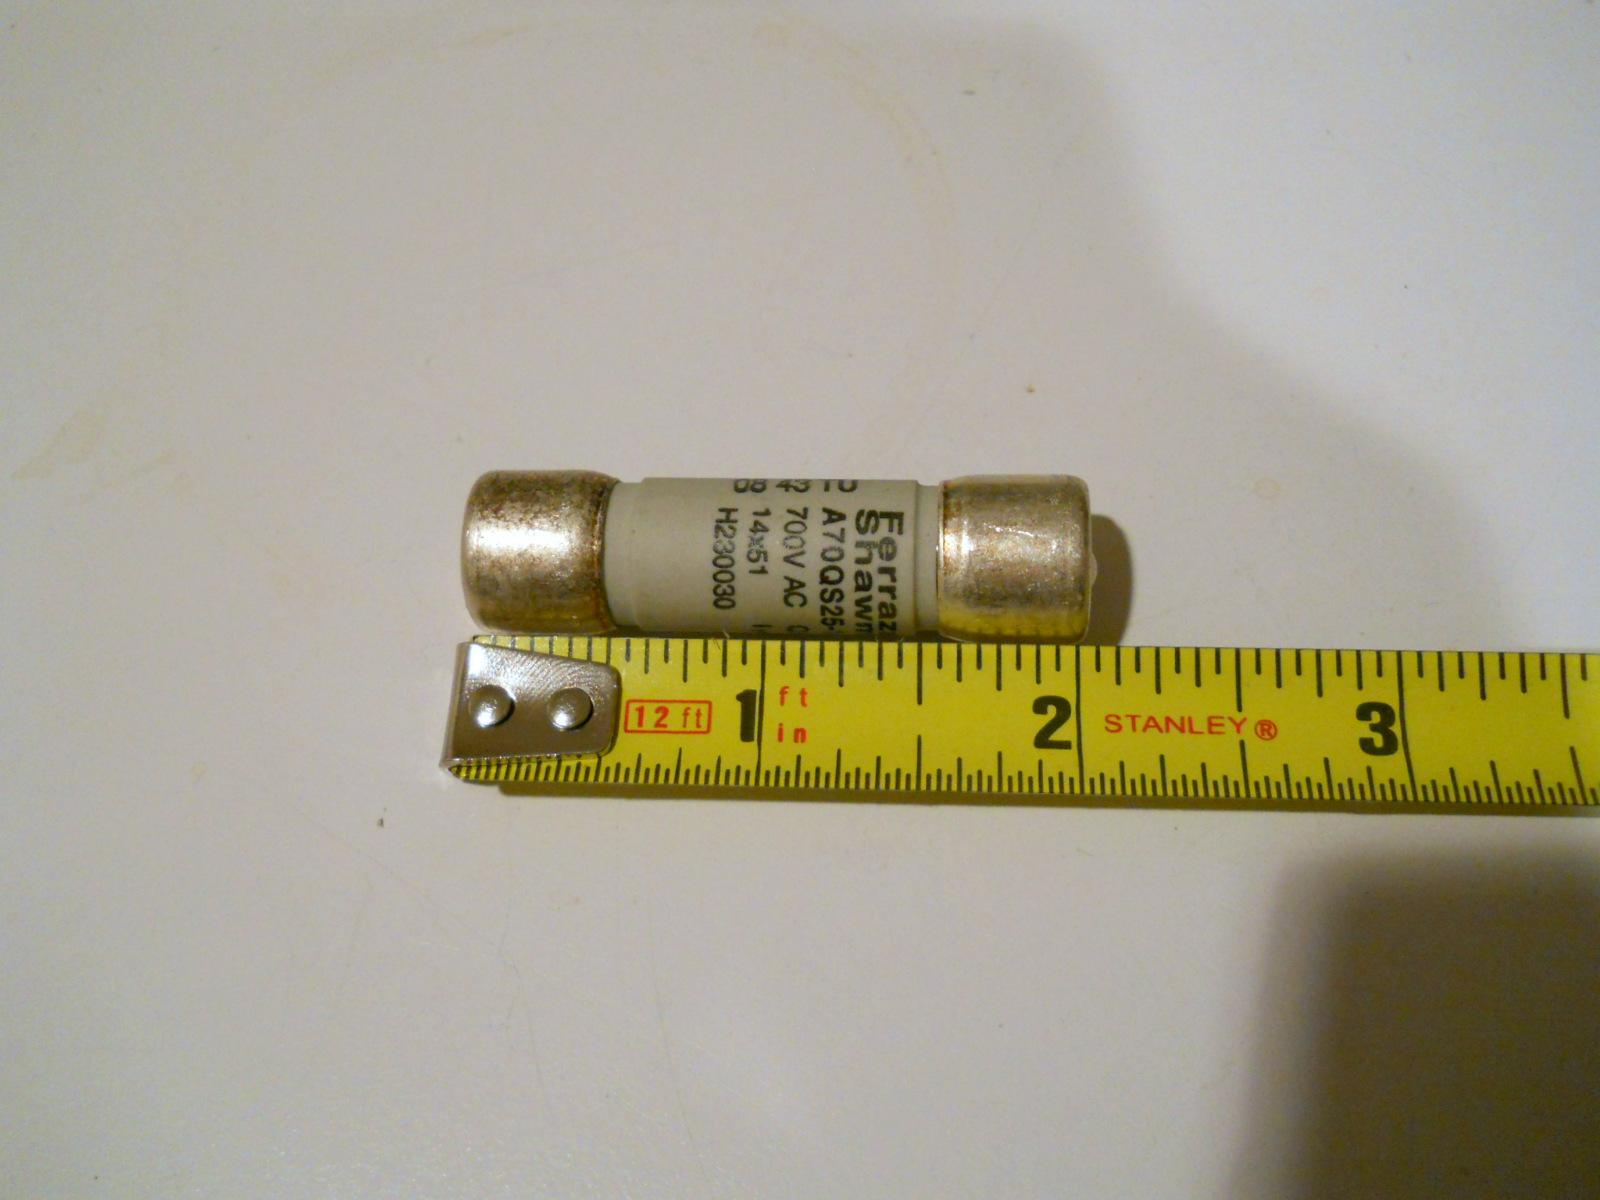 new ferraz shawmut 25a amp trap french cylindrical fuse w